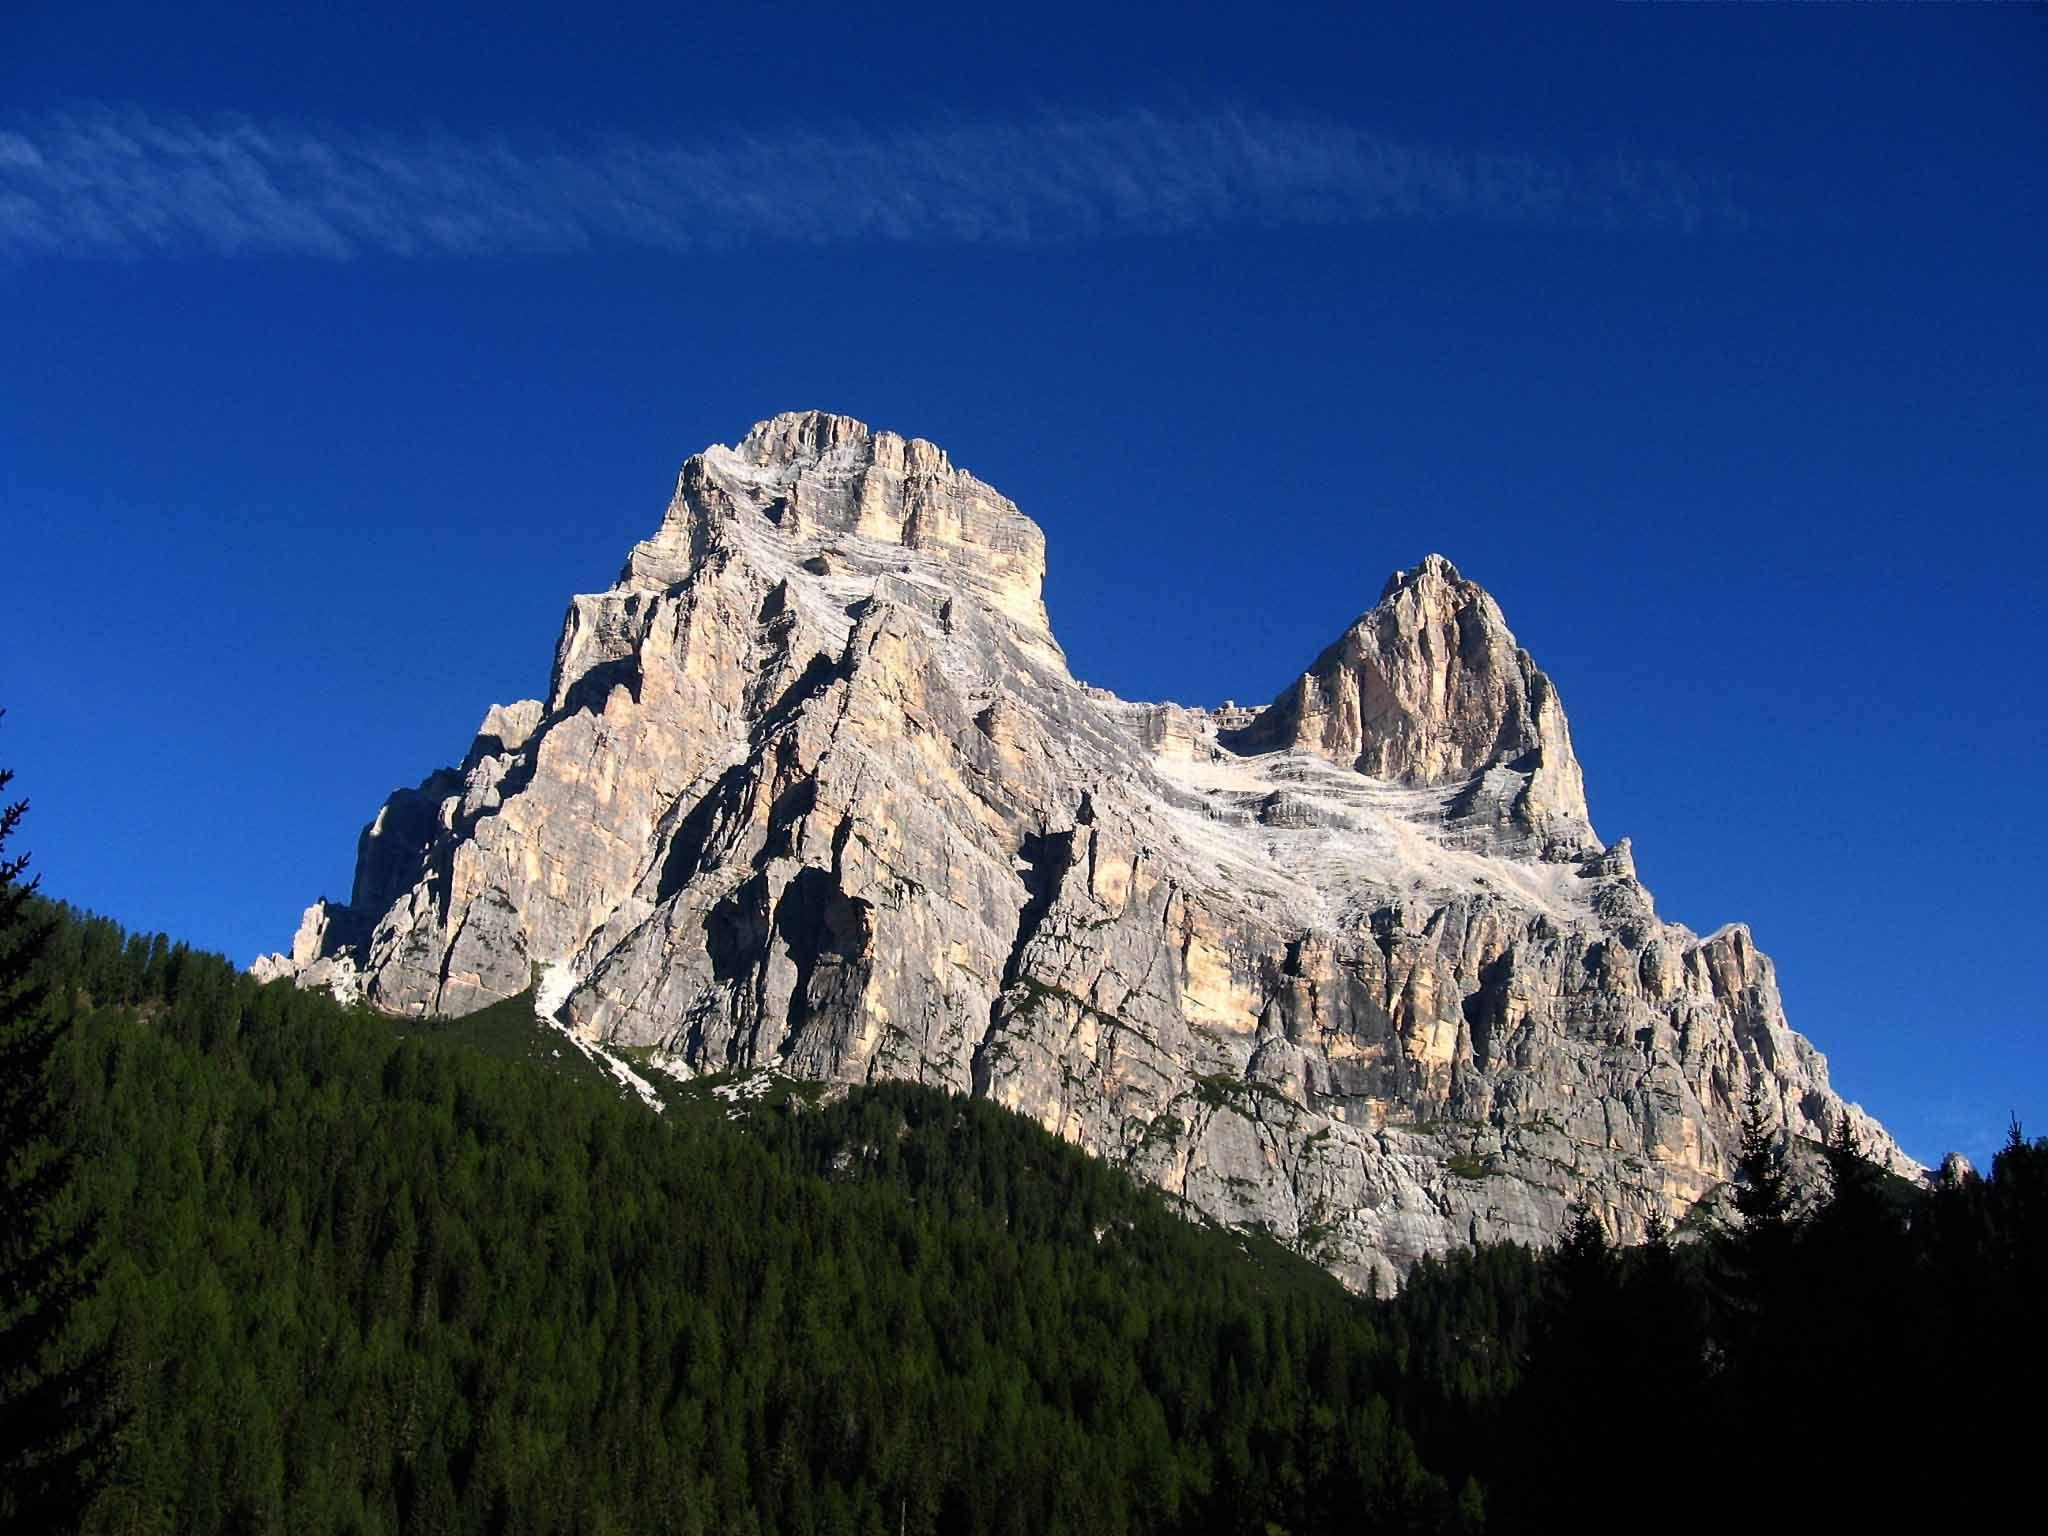 Monte Pelmo, Zoppe di Cadore, Belluno, Italia